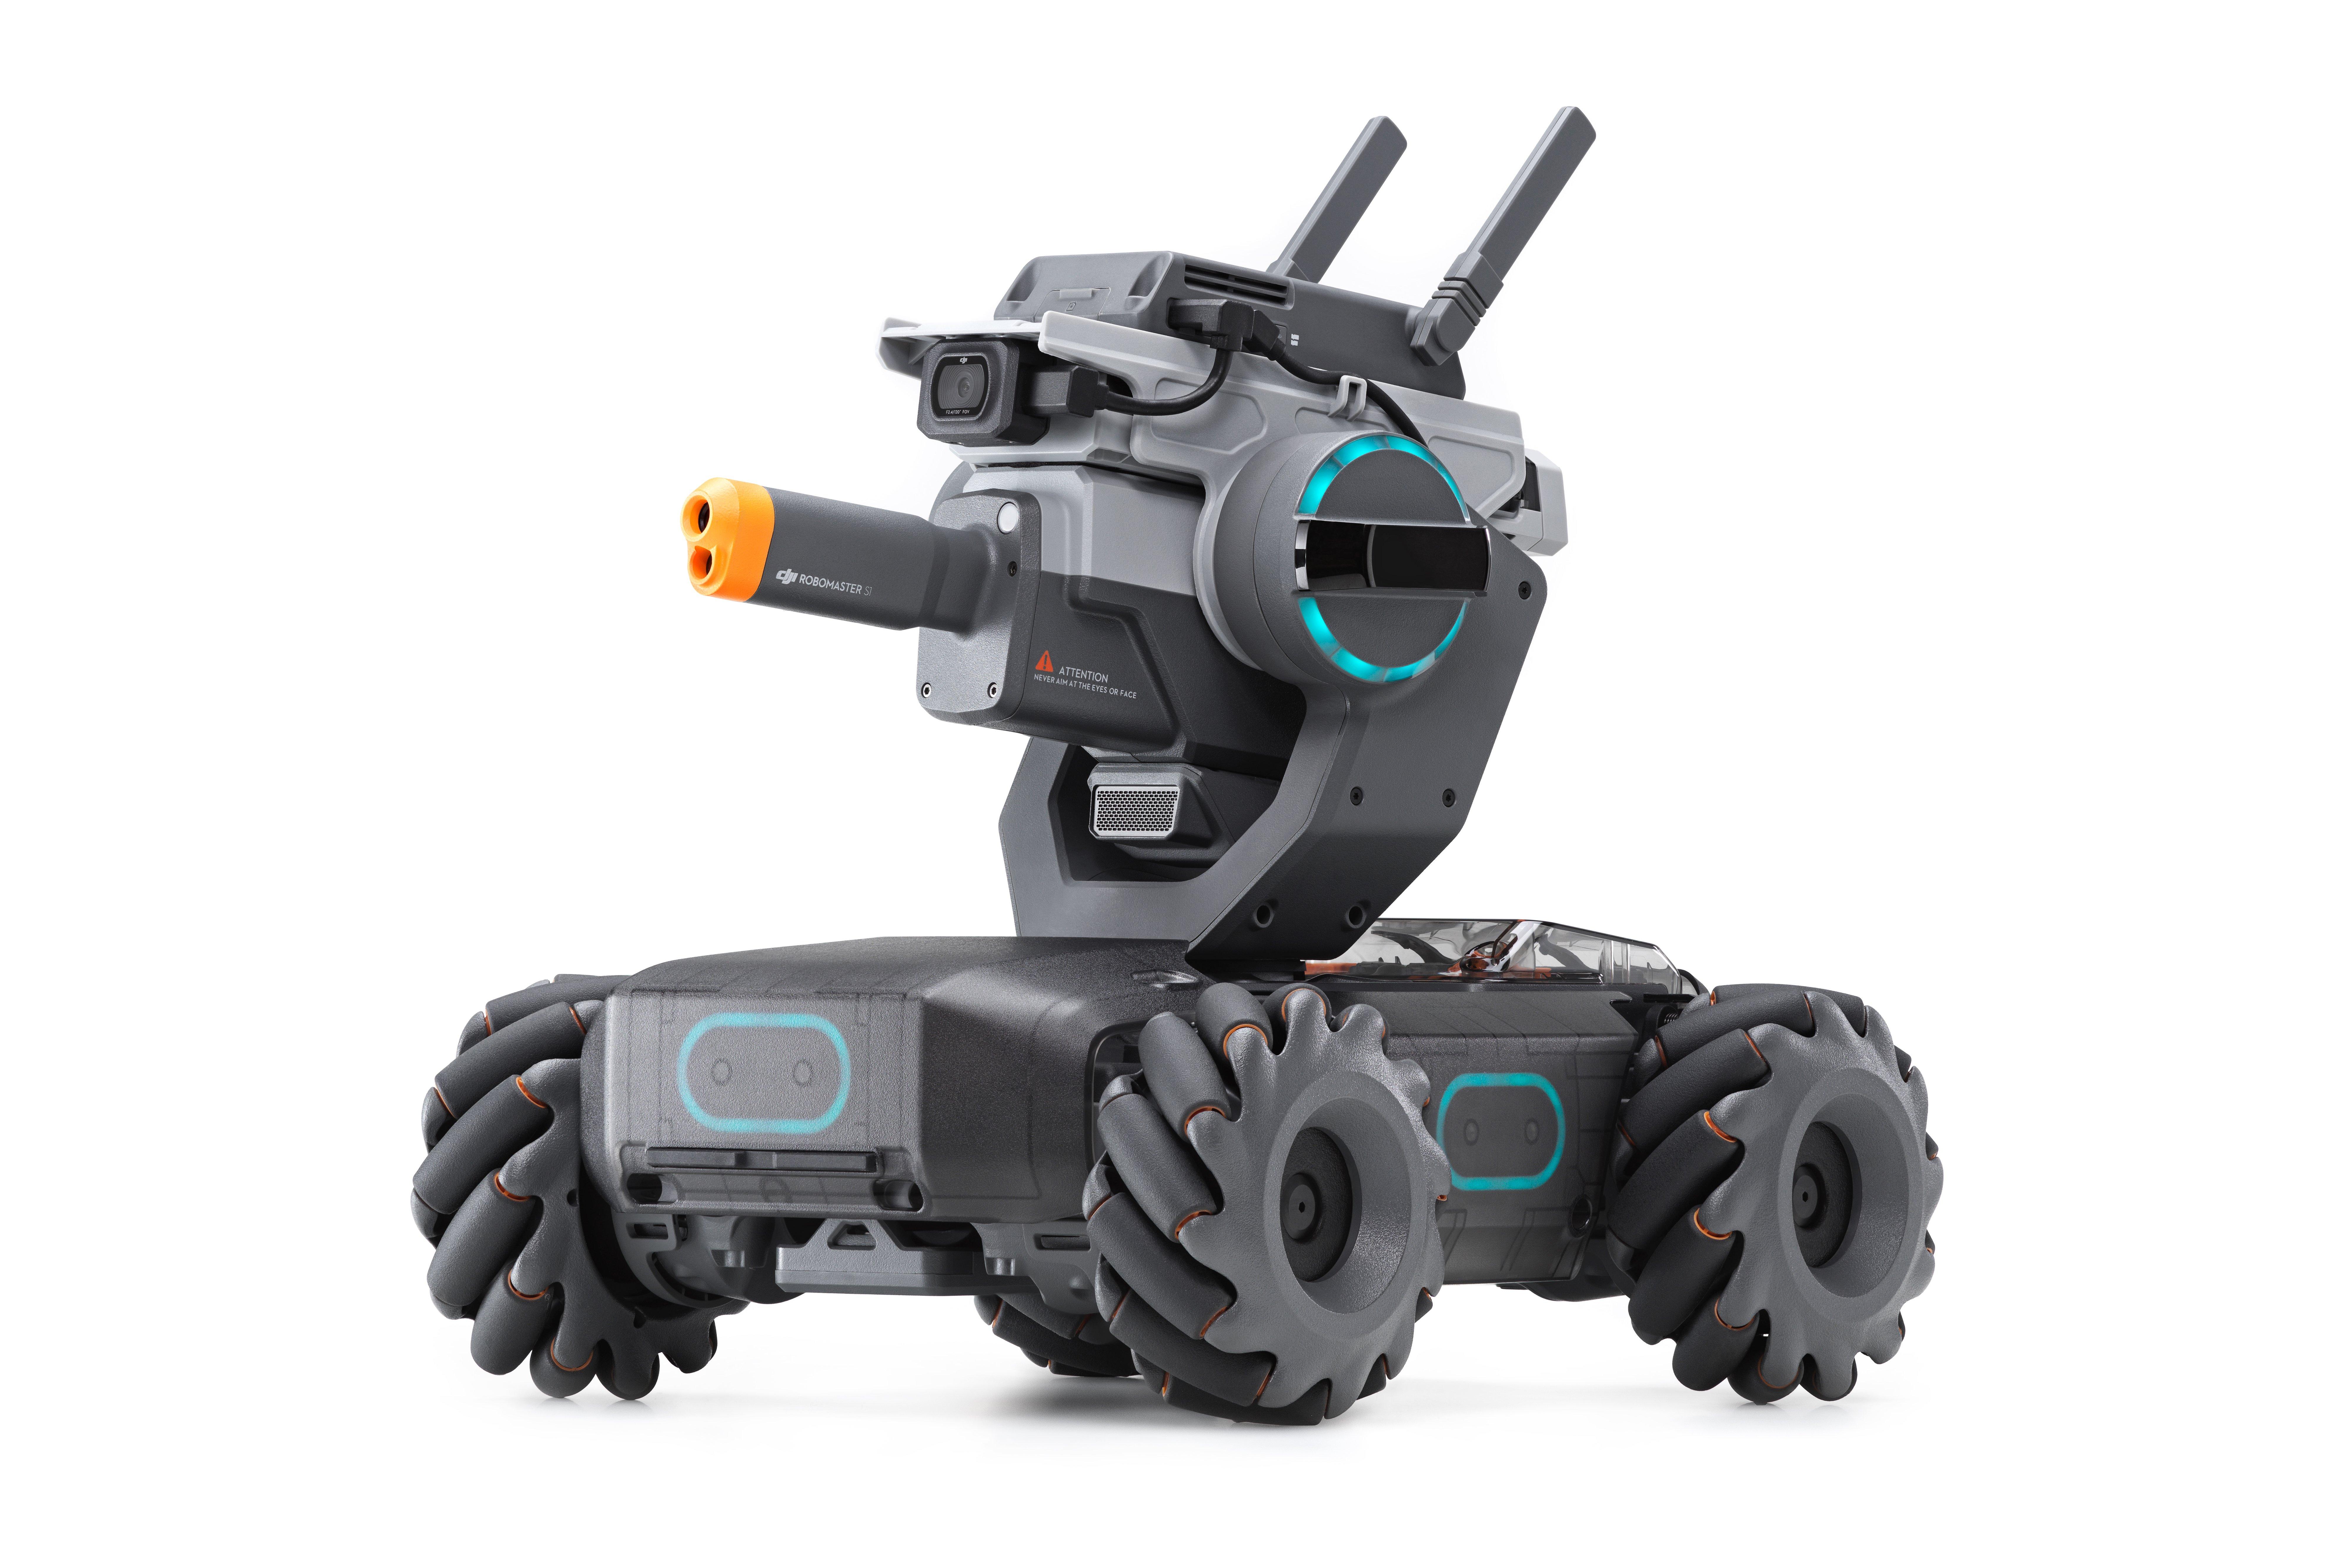 DJI - RoboMaster S1